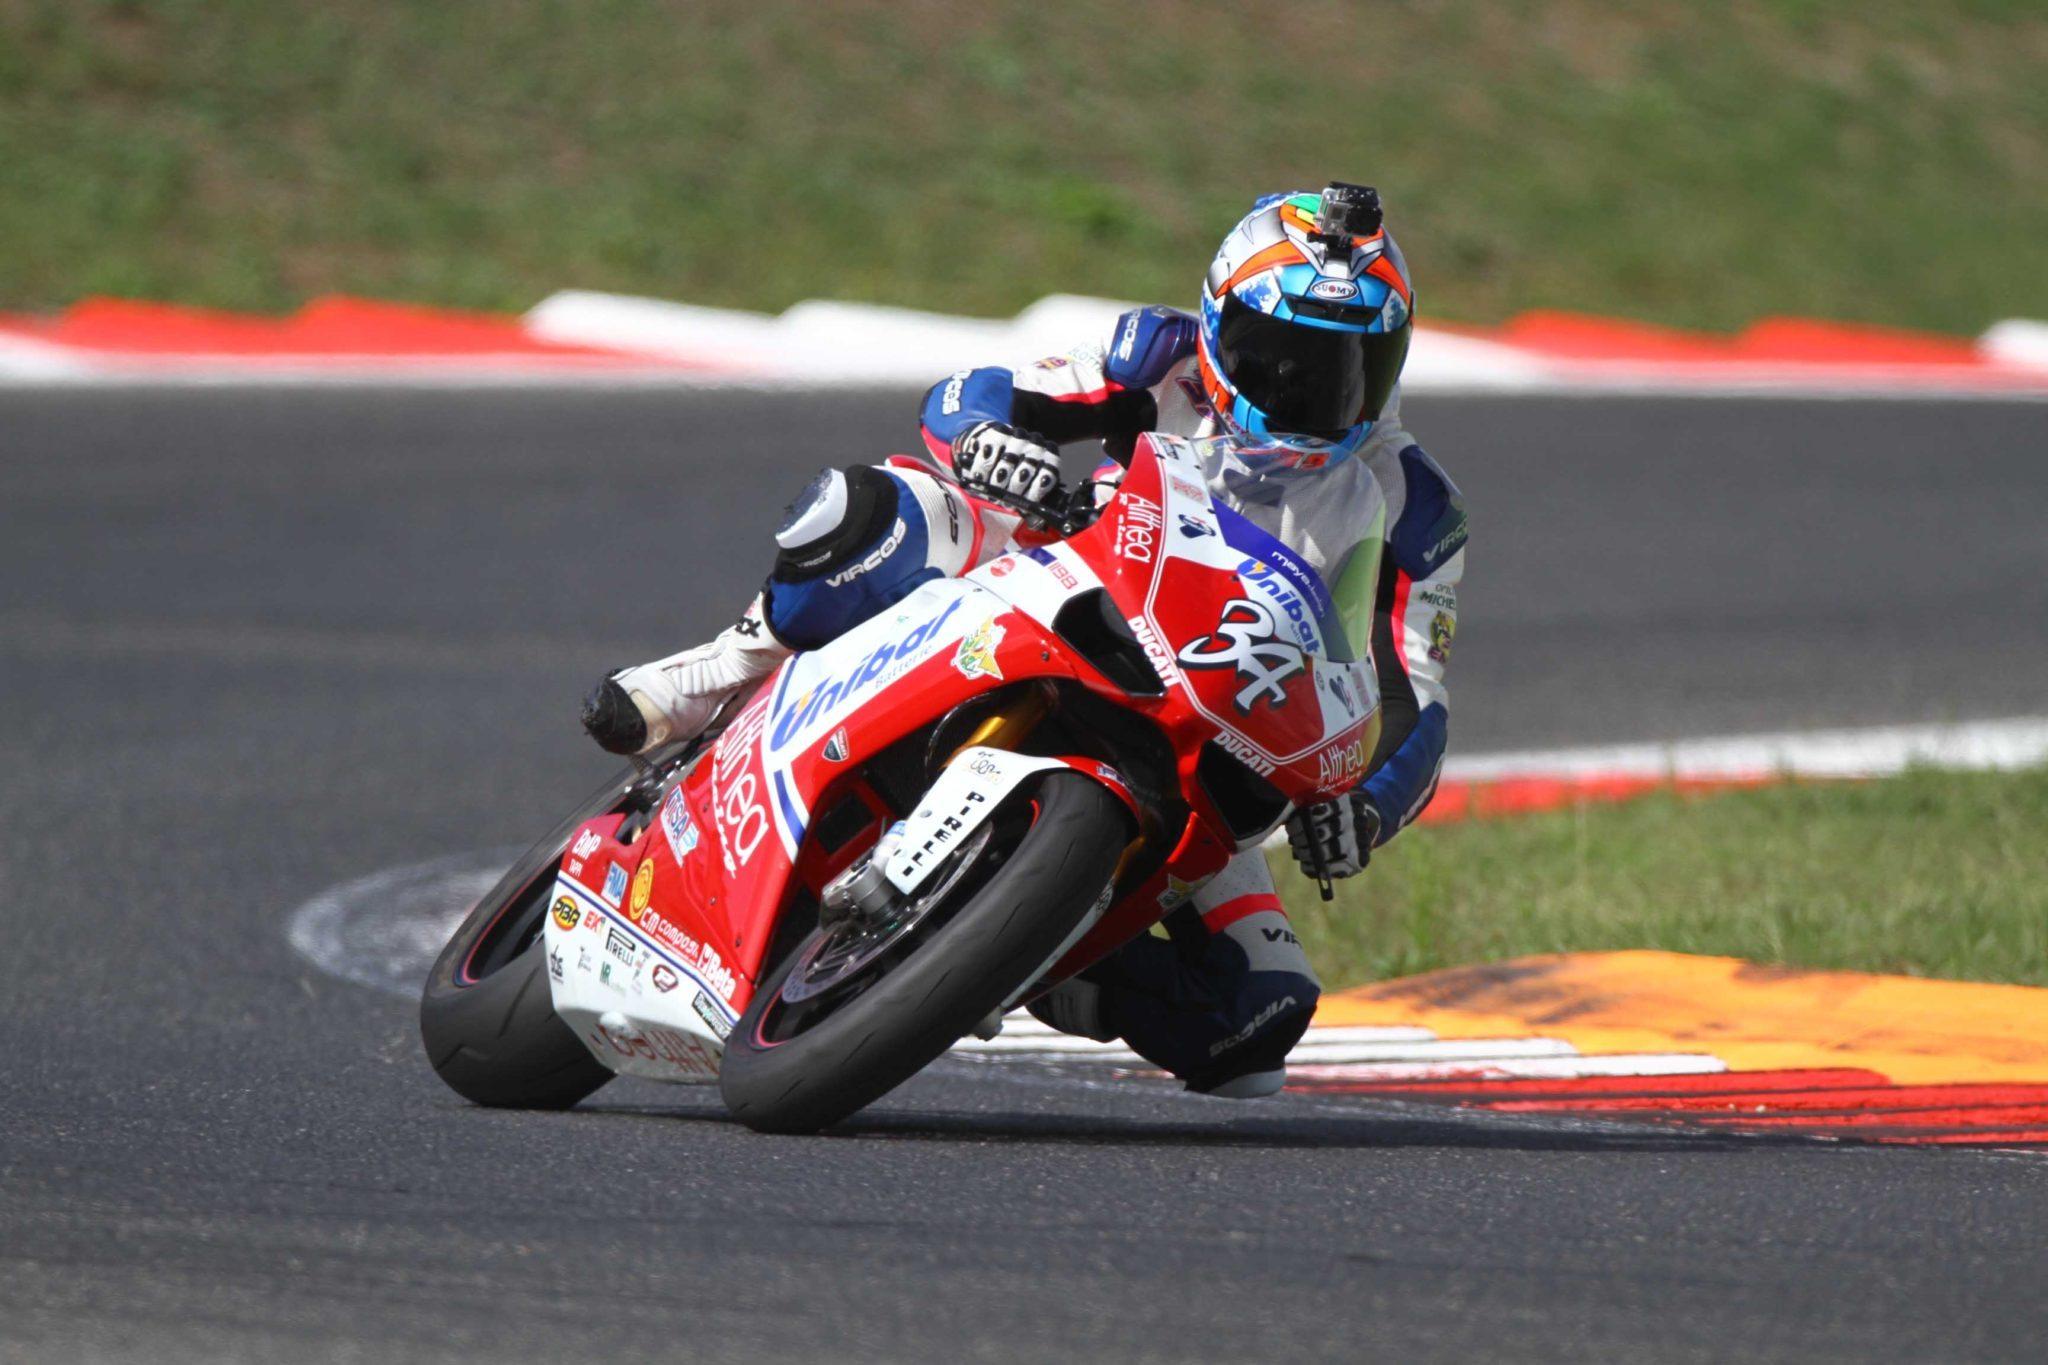 Circuito Vallelunga : Civ civ sorprese per le pole provvisorie di vallelunga